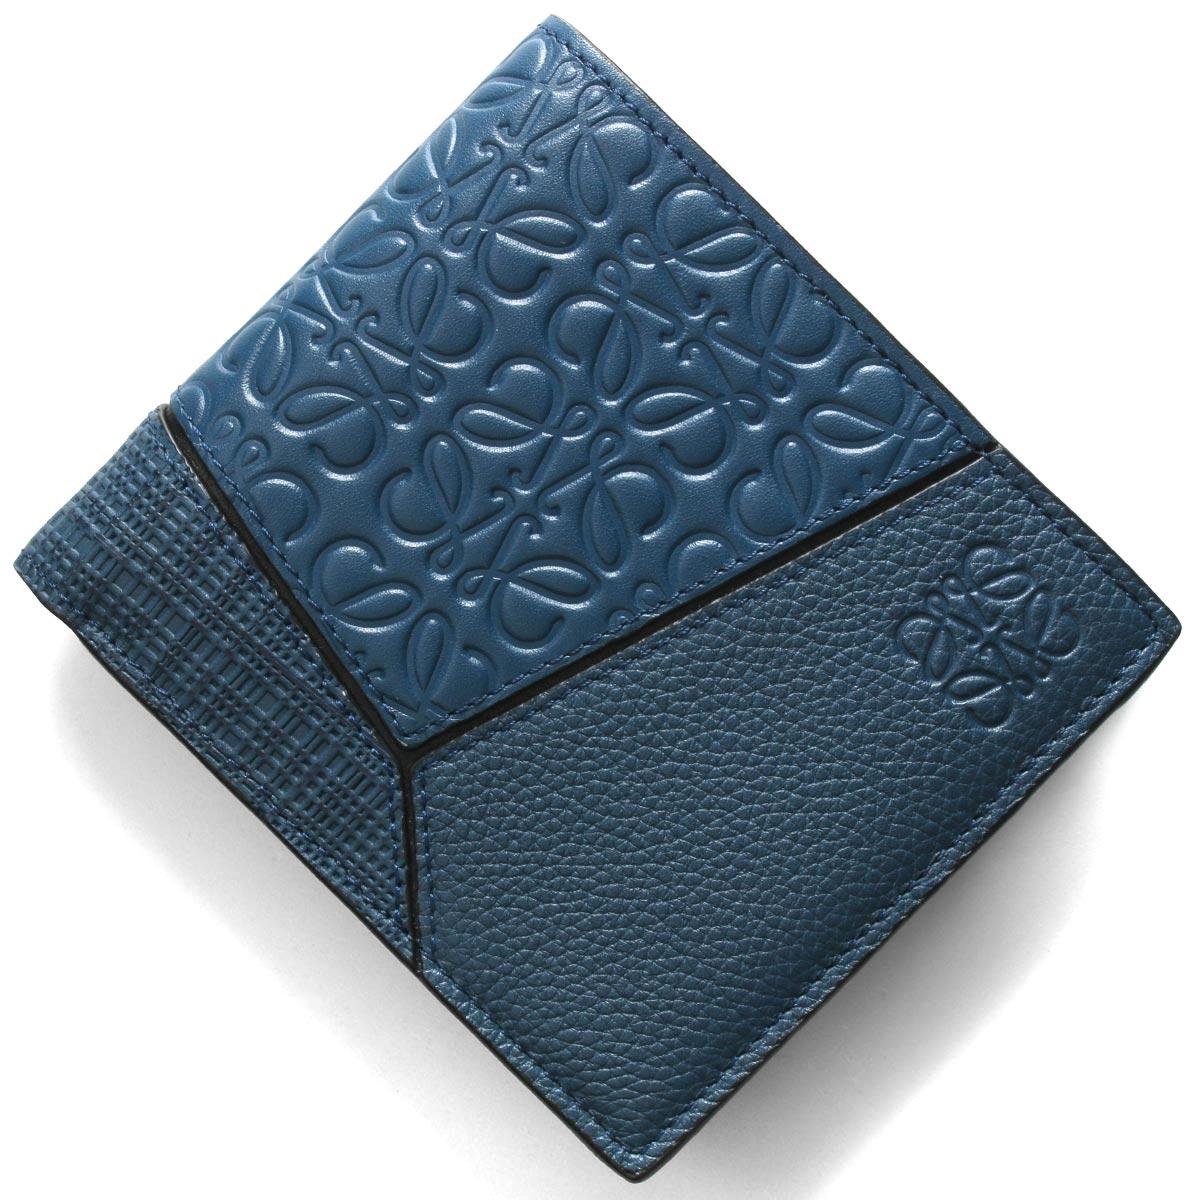 ロエベ二つ折り財布【札入れ】財布メンズパズルアナグラムインディゴブルー124302995820LOEWE